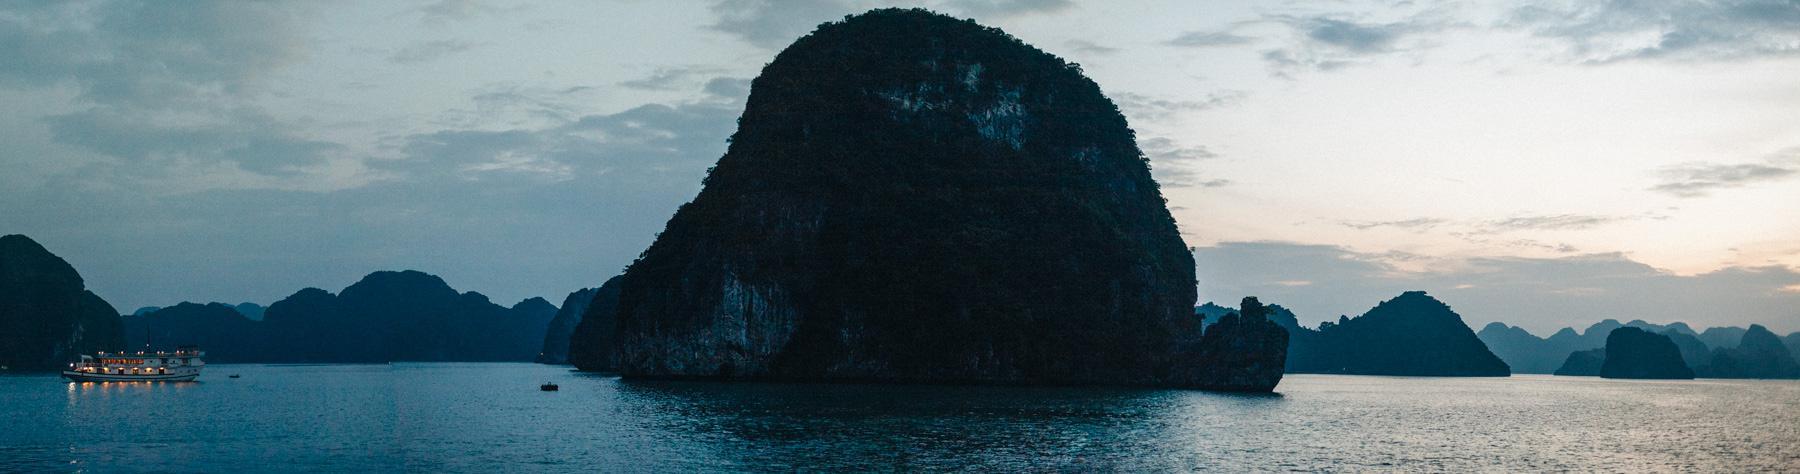 vietnam-tailandia14